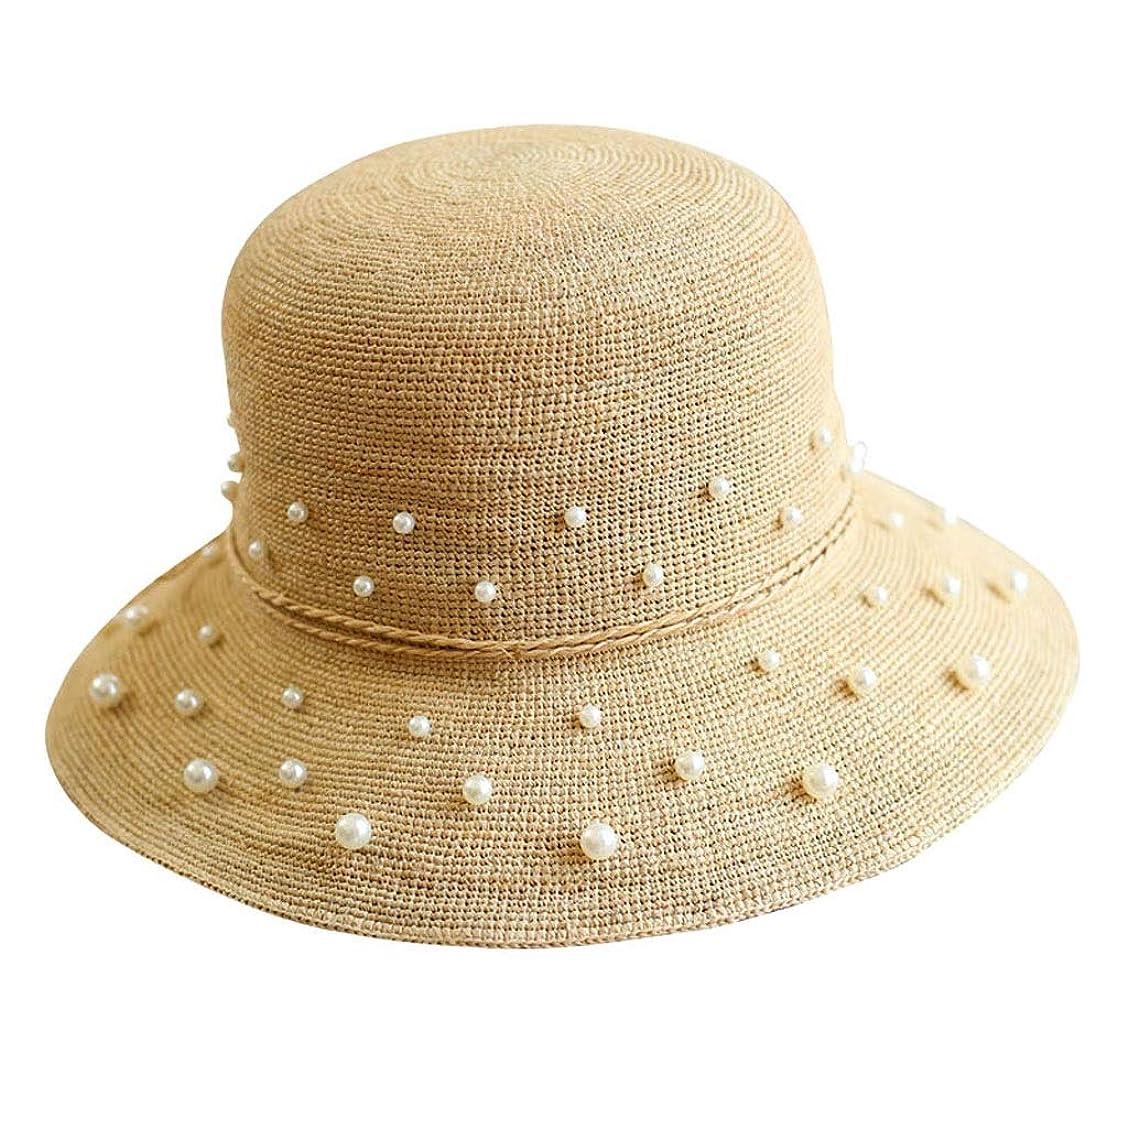 審判制約ウイルスZFDM DaxieビーチバイザーマニュアルLafite帽子UVプロテクションキャップ折りたたみ変形抵抗通気性